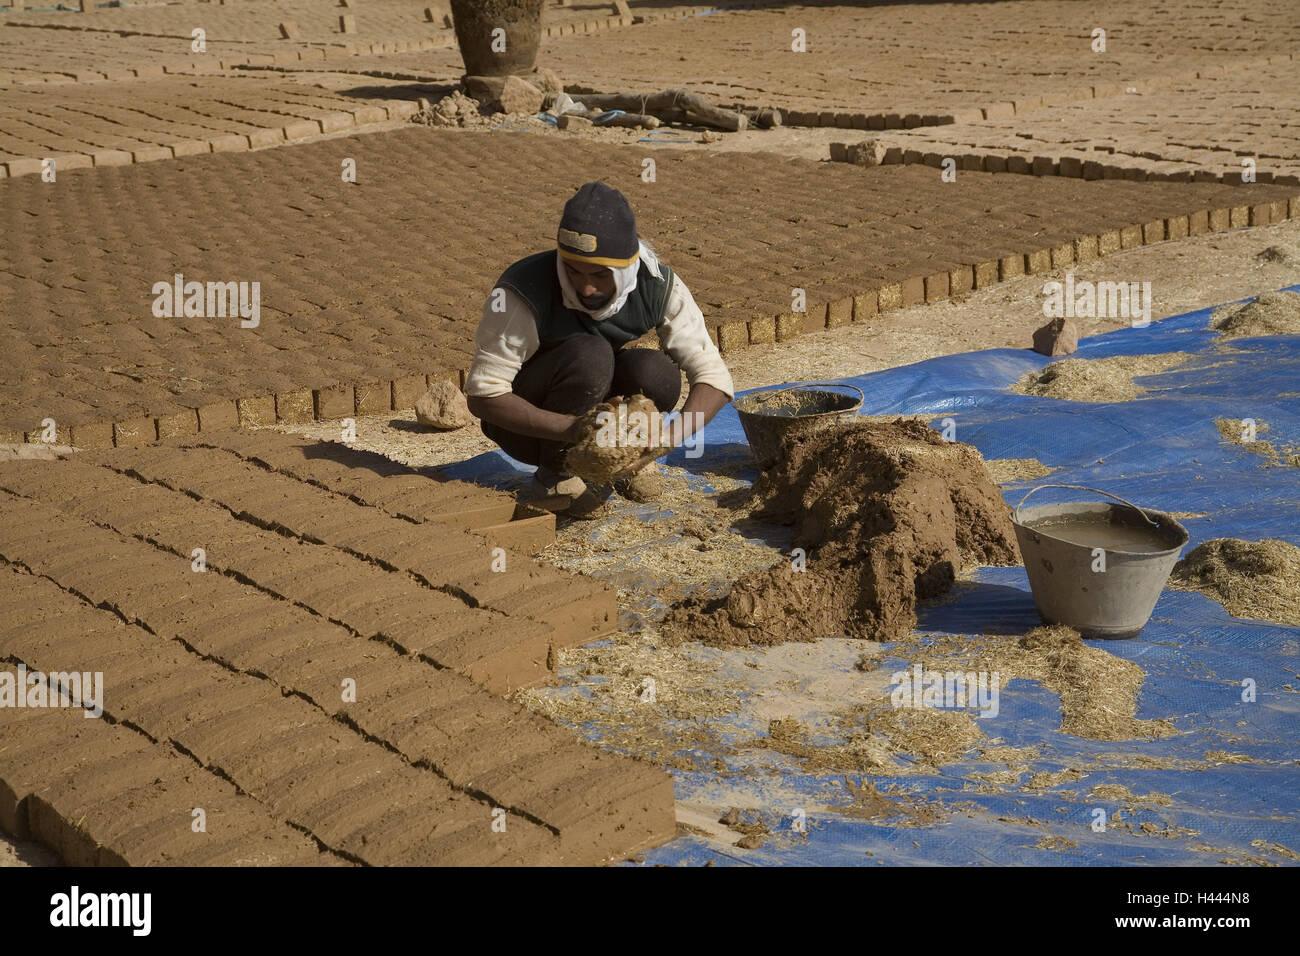 Saudi Arabien, Al-Ula, Ton Ziegelproduktion, Arbeiter, Person, Mensch, Arbeit, Kopfbedeckungen, Produktion, Lehmziegel, Stockbild